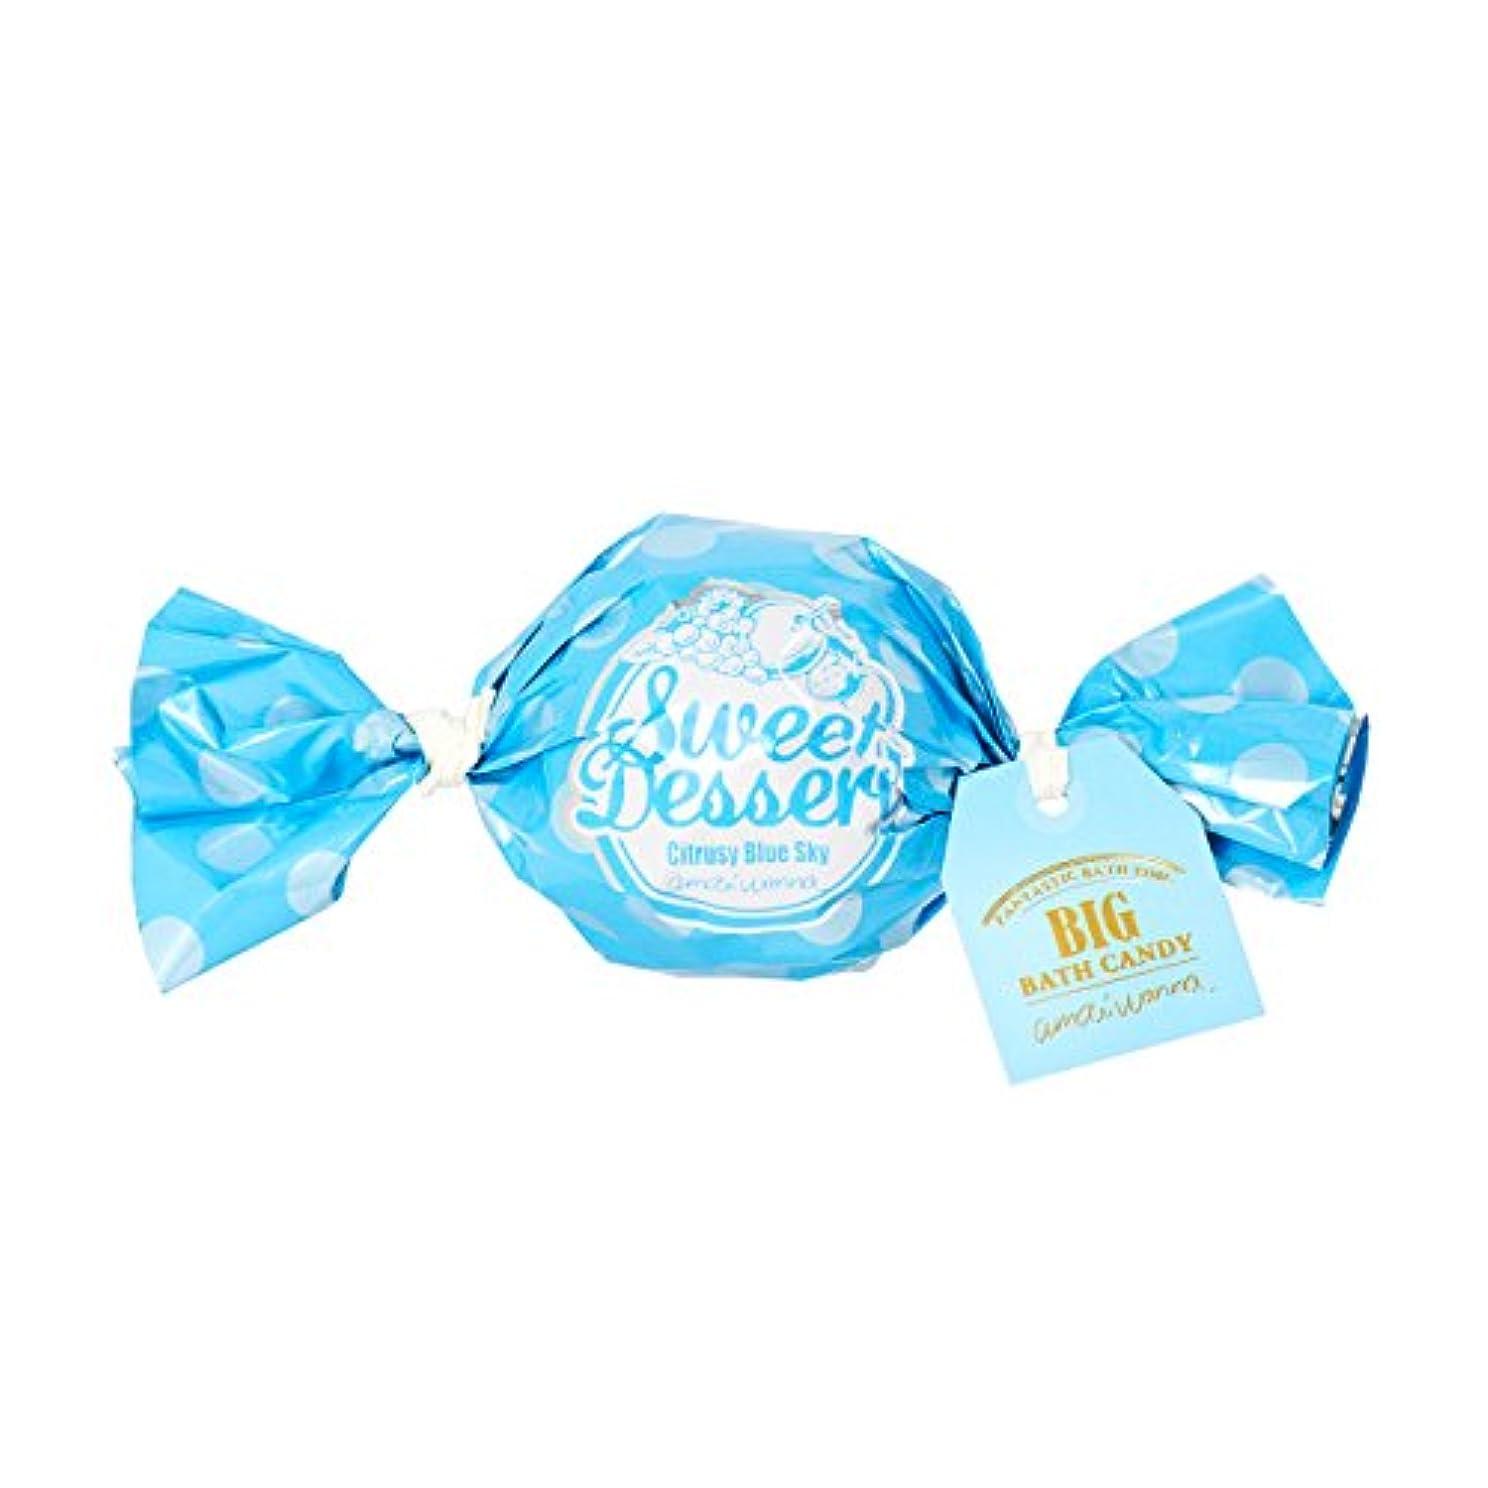 繊維マラウイピラミッドアマイワナ ビッグバスキャンディー 青空シトラス 100g(発泡タイプ入浴料 おおらかで凛としたシトラスの香り)